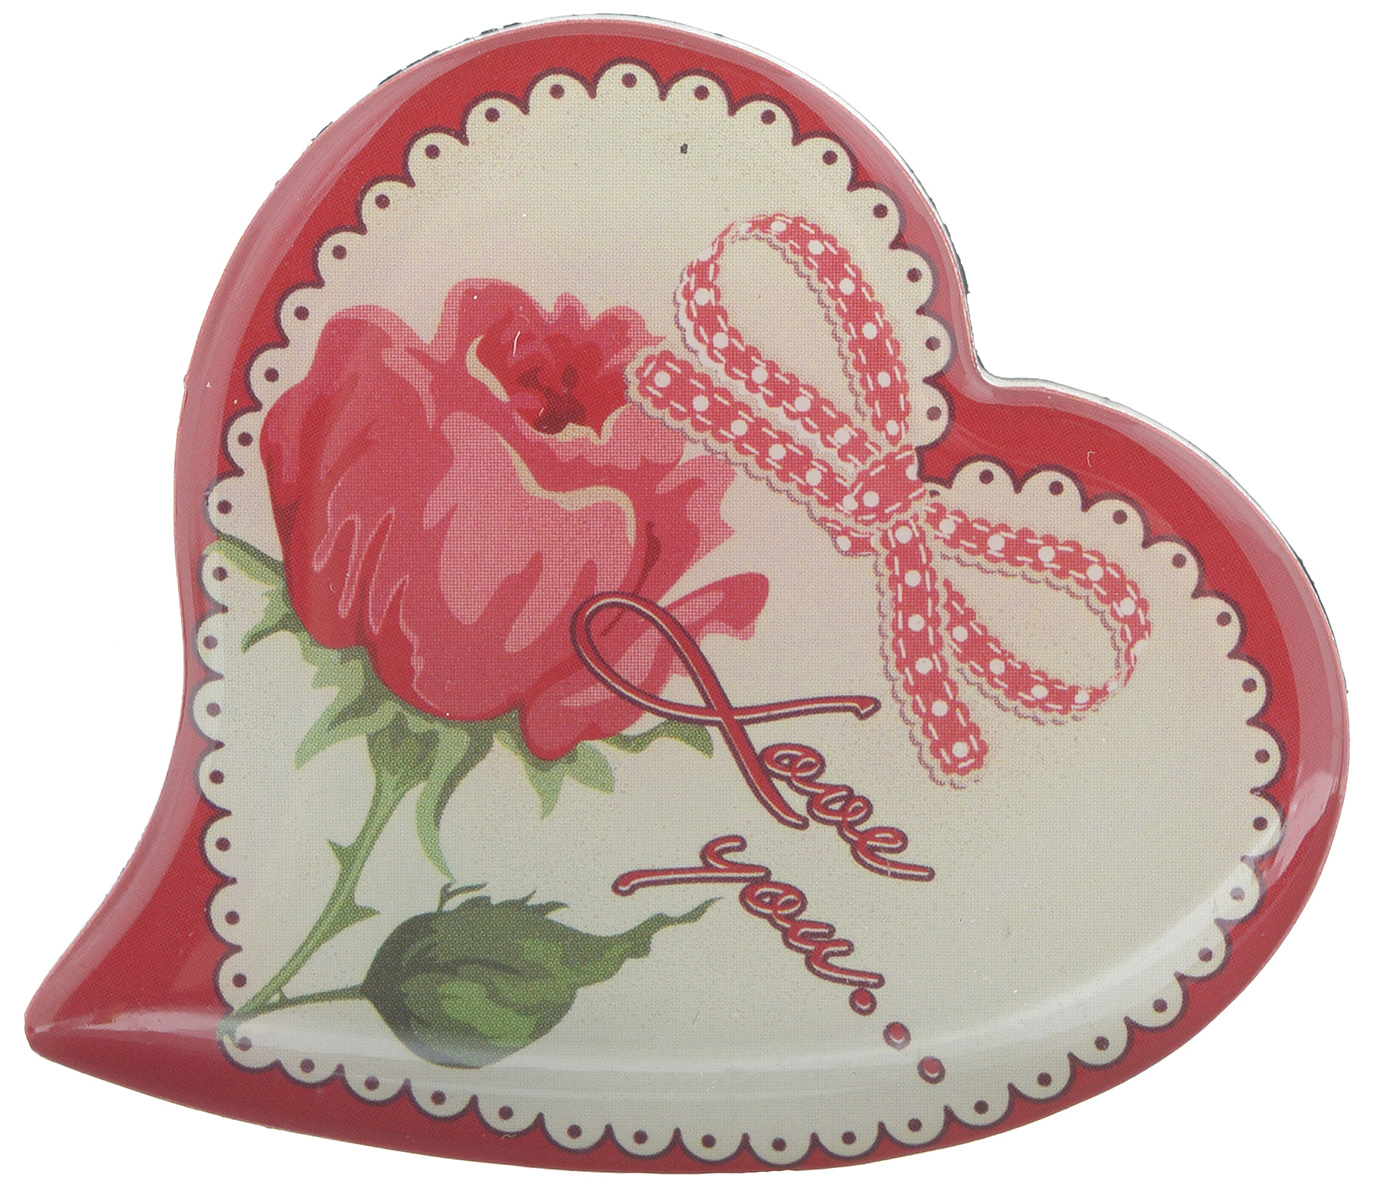 Магнит Феникс-презент Love You..., 5 x 5 смRG-D31SМагнит в форме сердца Феникс-презент Love You..., выполненный из агломерированного феррита, станет приятным штрихом в повседневной жизни. Оригинальный магнит, декорированный изображением розы, поможет вам украсить не только холодильник, но и любую другую магнитную поверхность. Материал: агломерированный феррит.